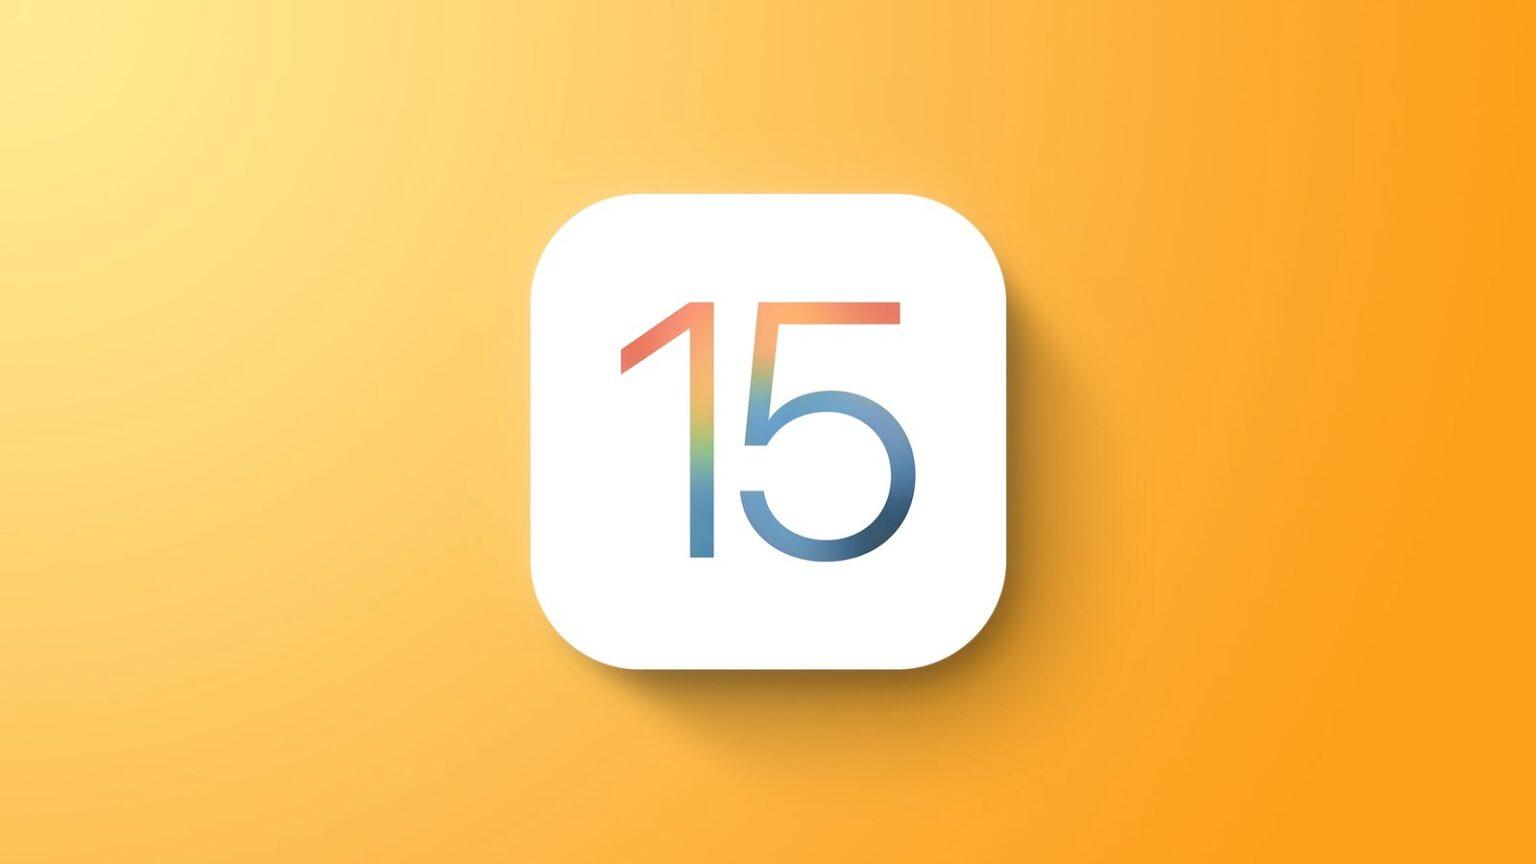 تعلم طريقة تثبيت ios 15 على أجهزة آيفون